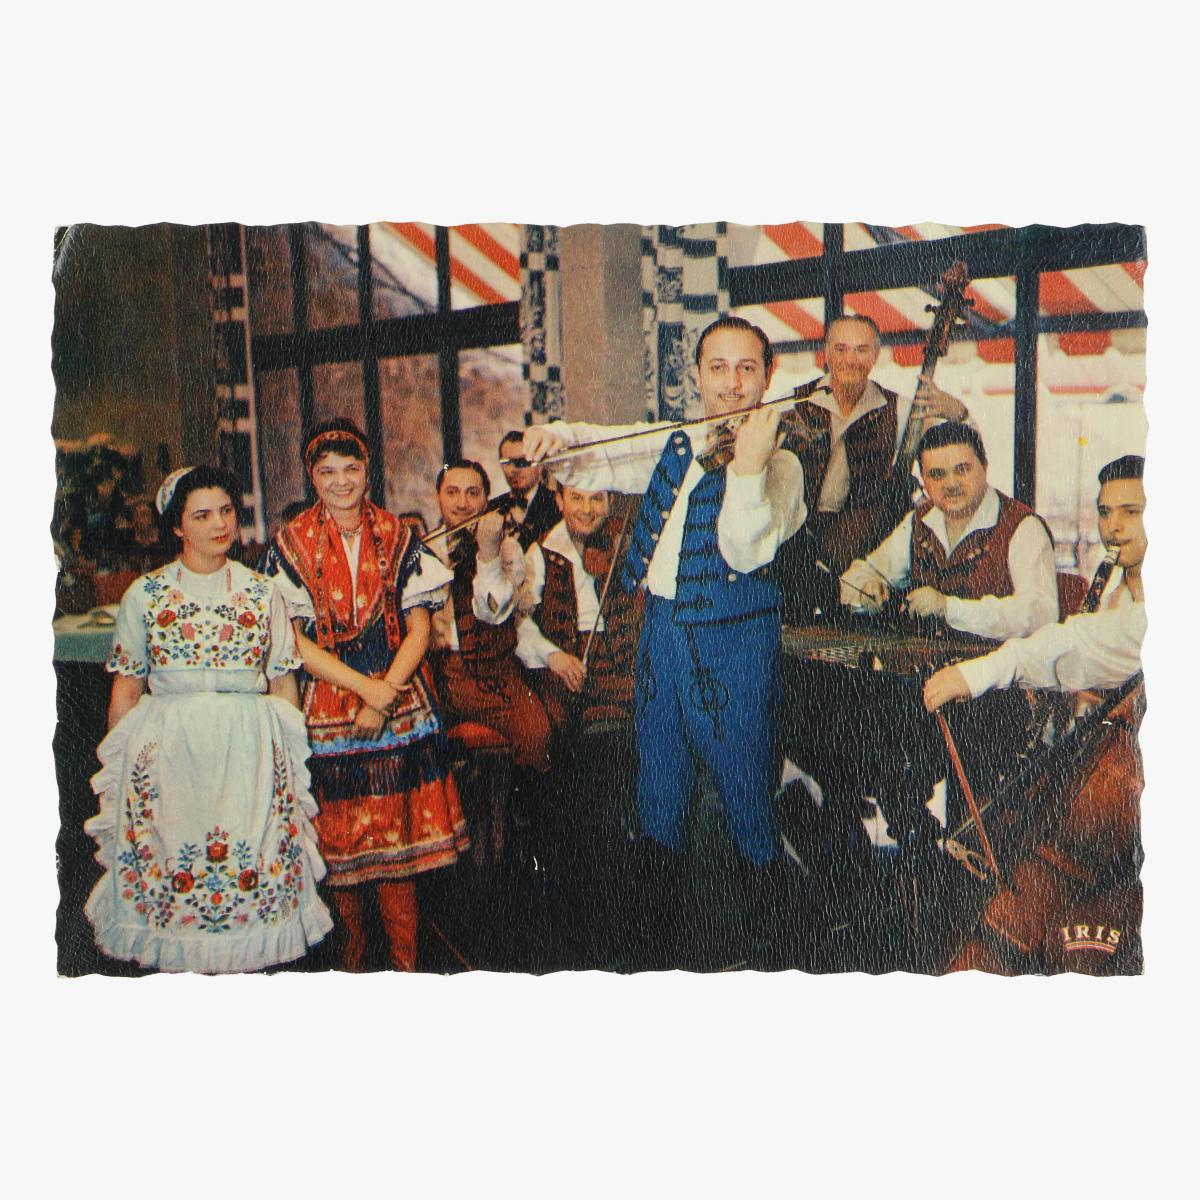 Afbeeldingen van expo 58 postkaart hongarije sandor lakatos en zijn tzigeuners 1958